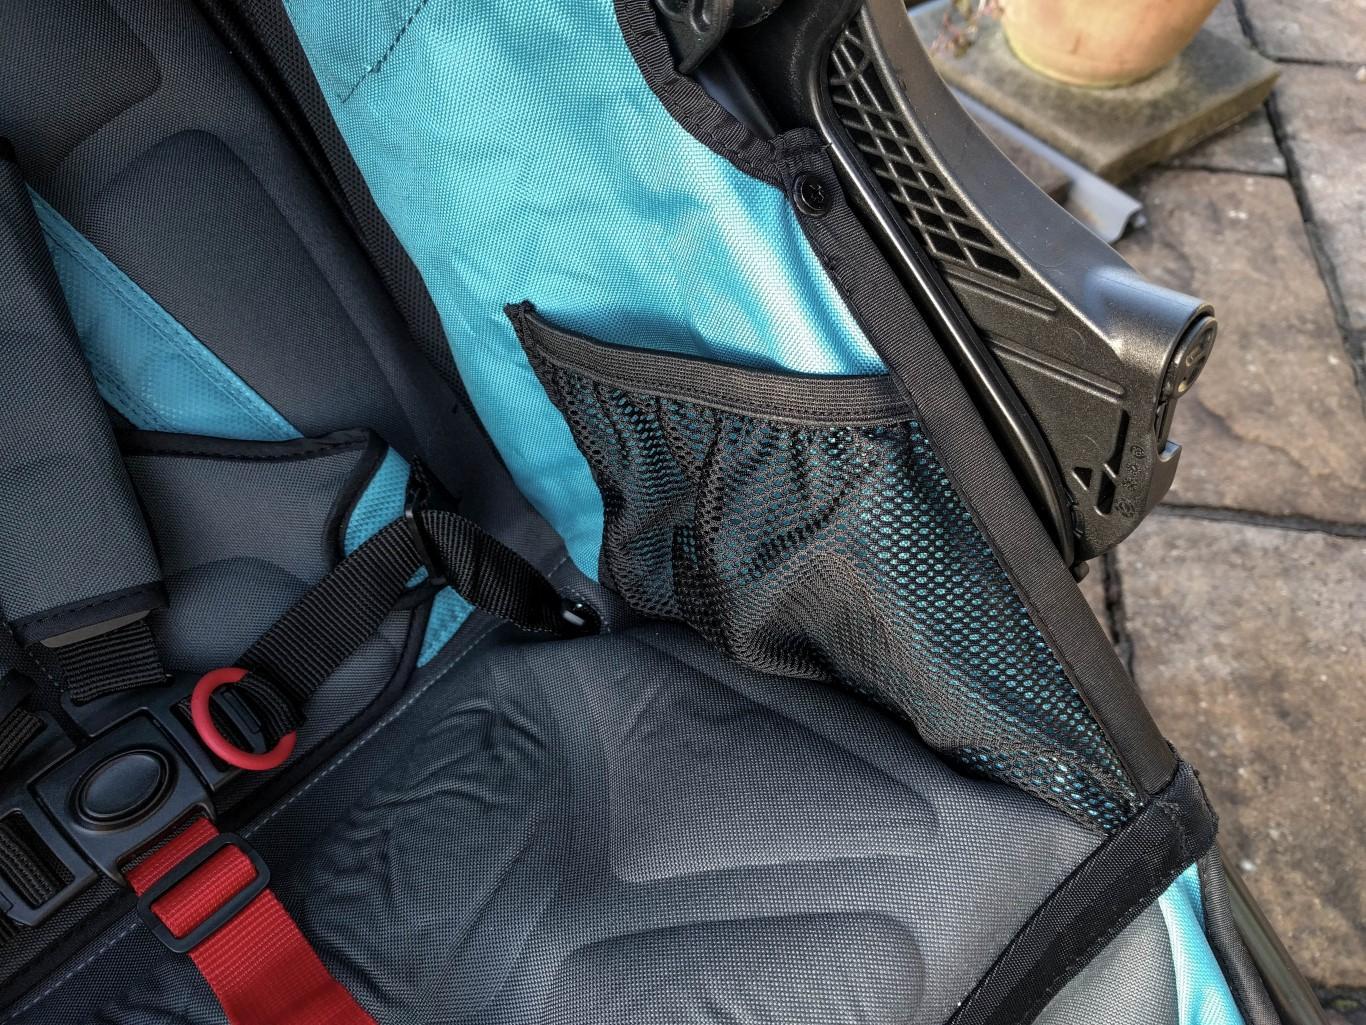 Fast das Wichtigste: Seitentaschen zur sicheren Ablage